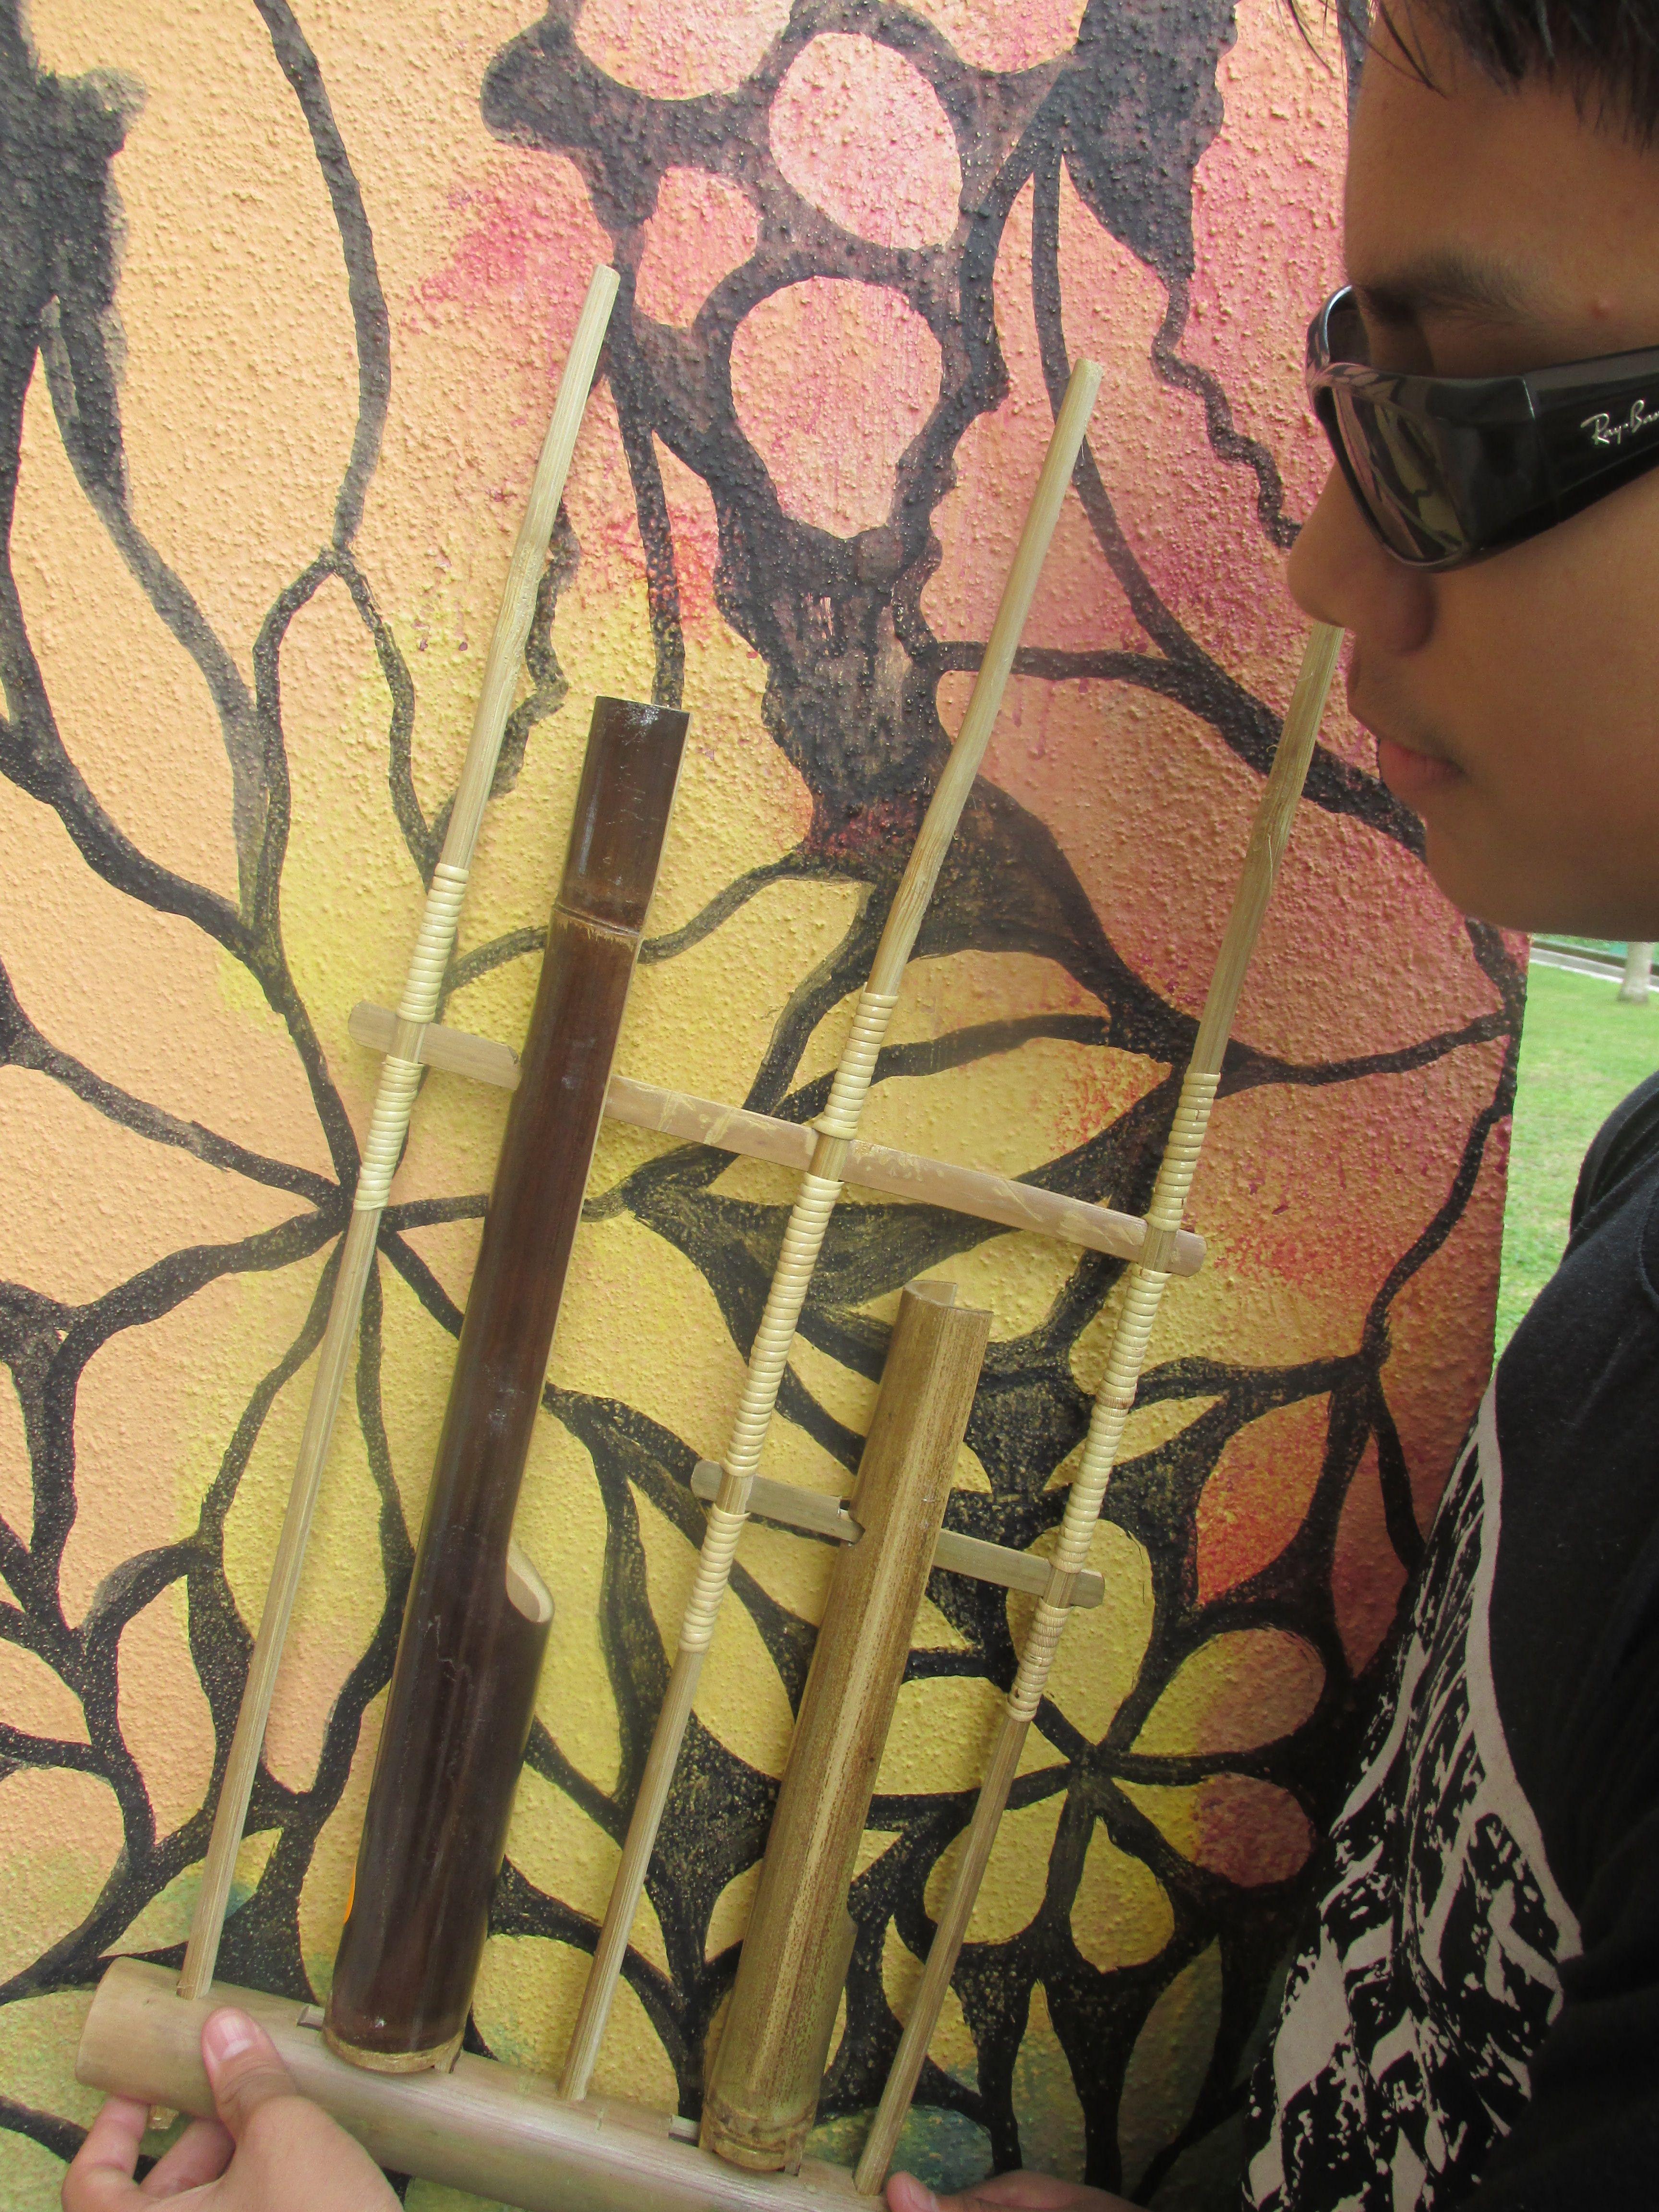 Angklung Pak Radja sharing joy in playing angklung angklungpakradja Angklung Pak Radja